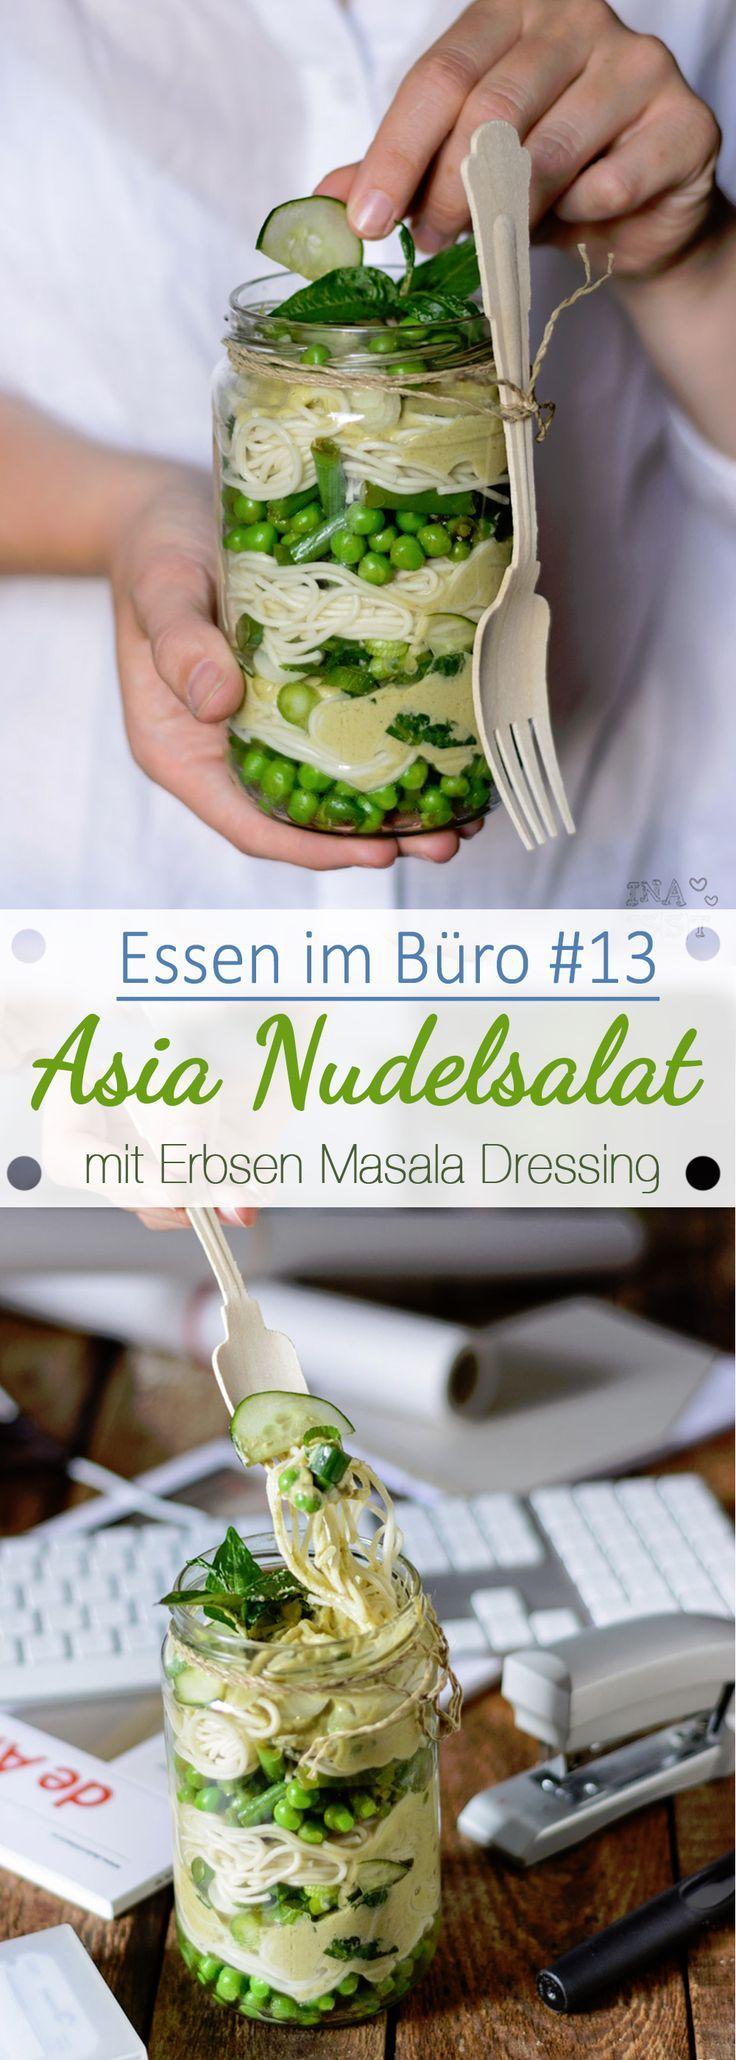 Essen im Büro #13 - Asiatischer Nudelsalat mit Erbsen Masala Dressing